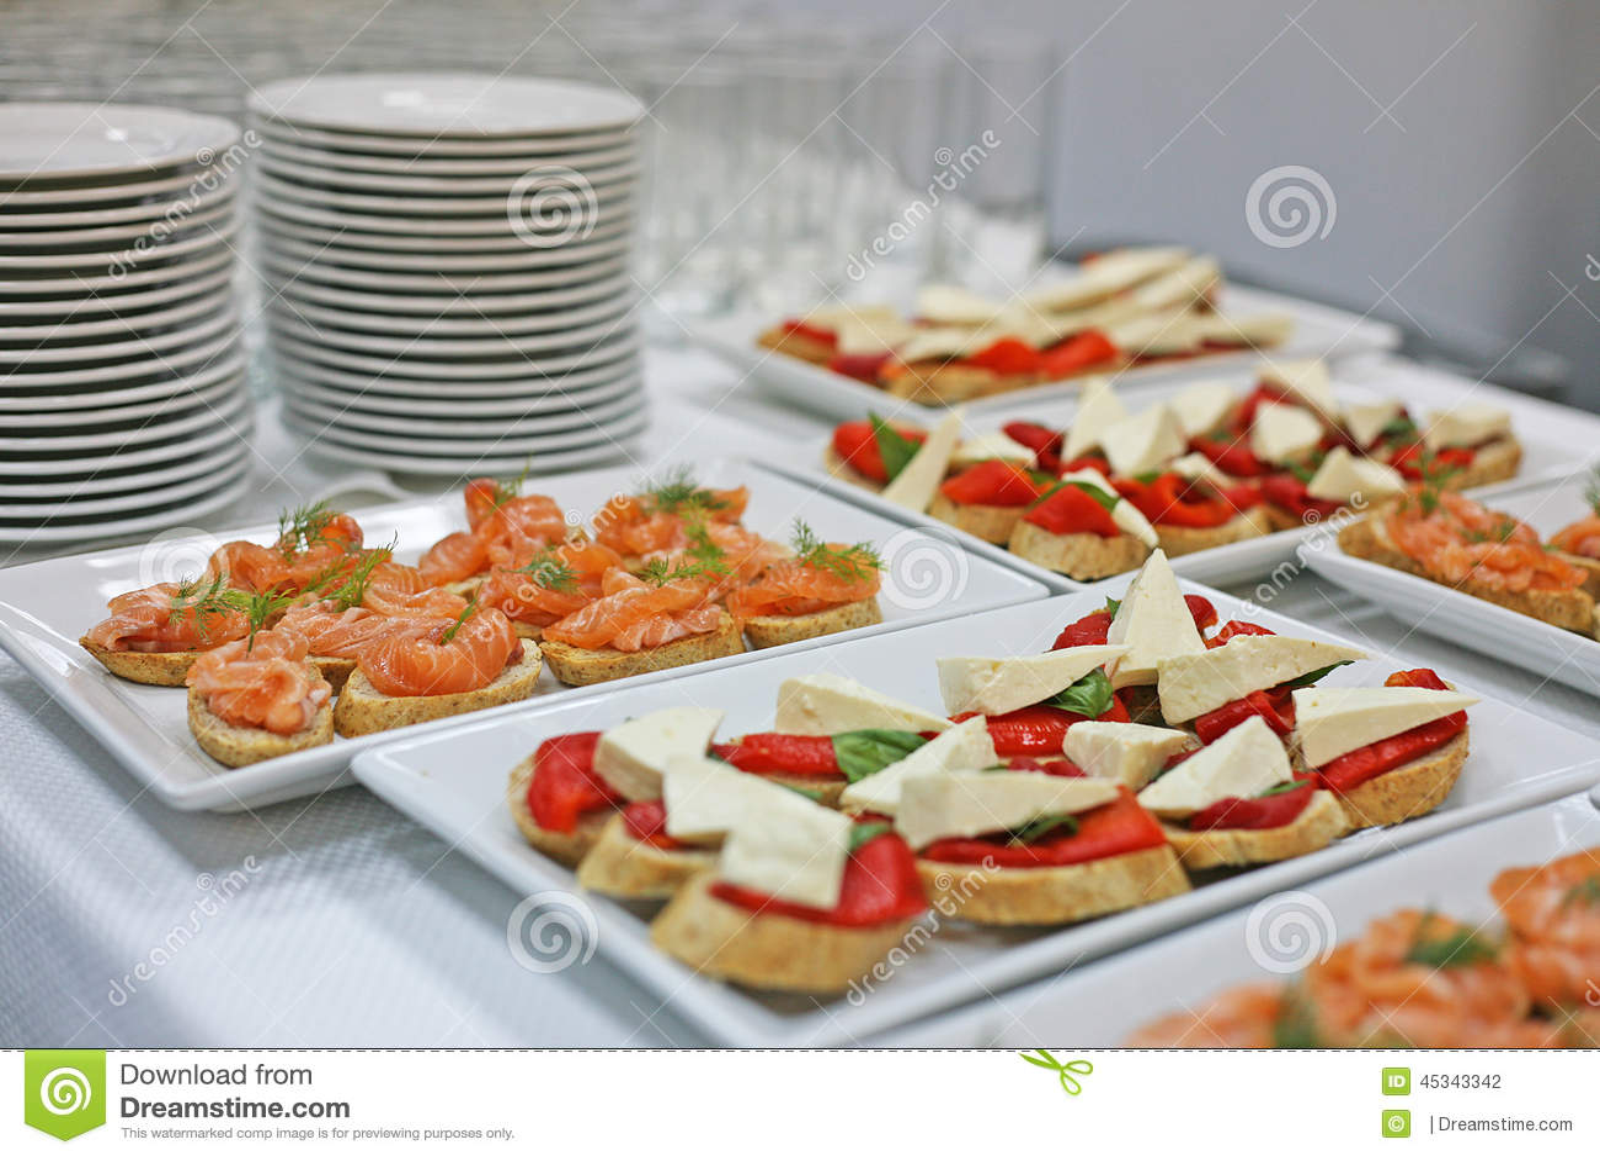 La variedad de bocadillos en una mesa de desayuno foto de archivo imagen 45343342 - Mesas de desayuno ...